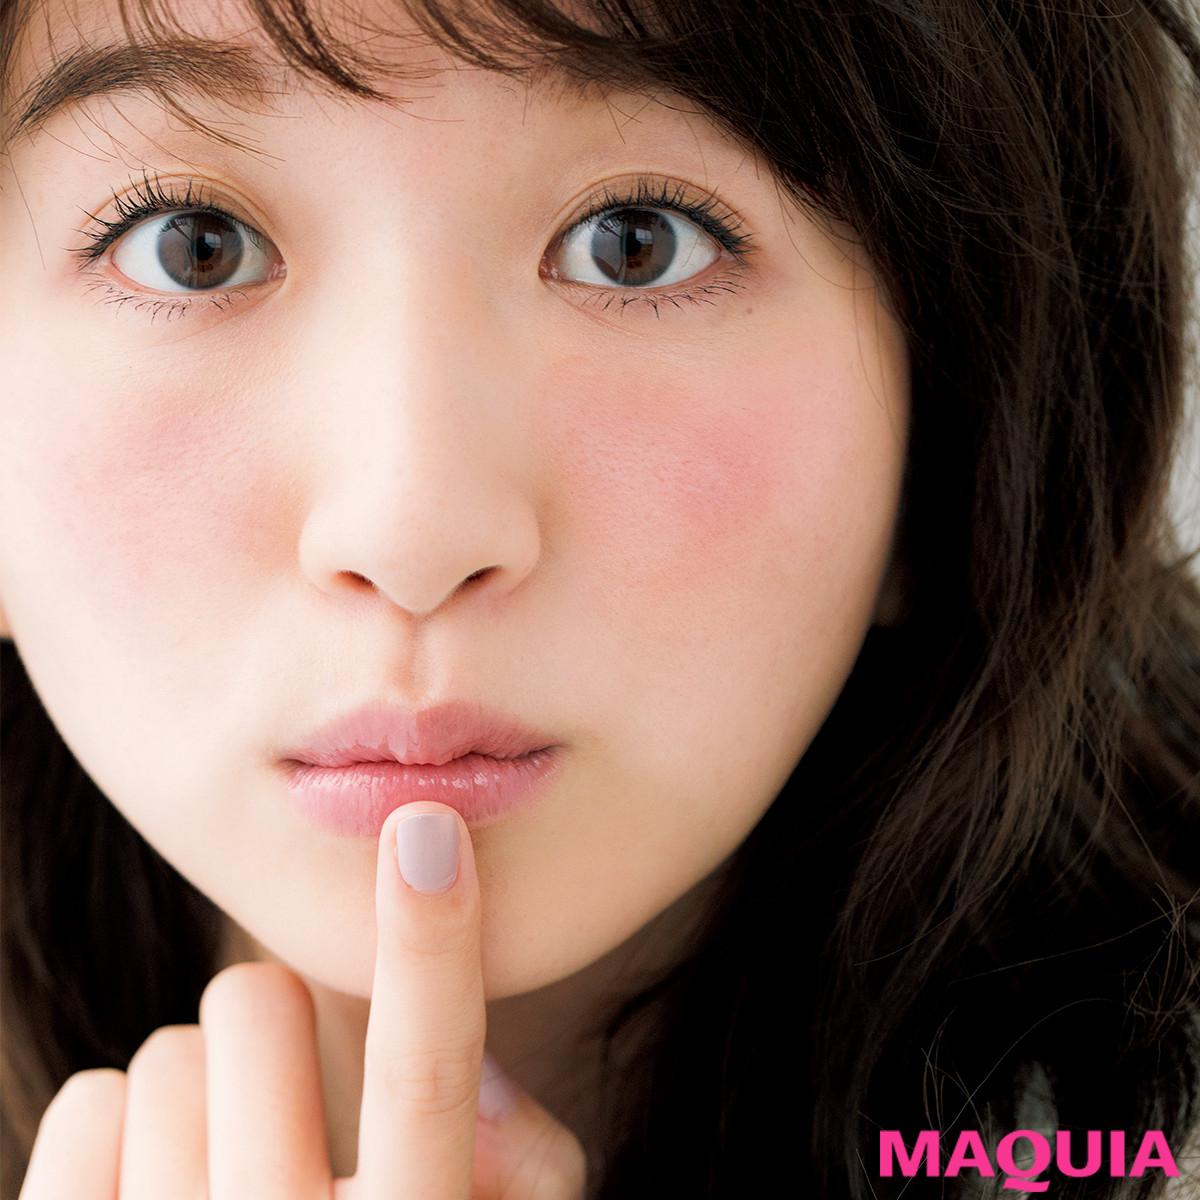 唇、目元、頭皮もカサカサ! パーツのカサつき・乾燥対策を専門家がアドバイス